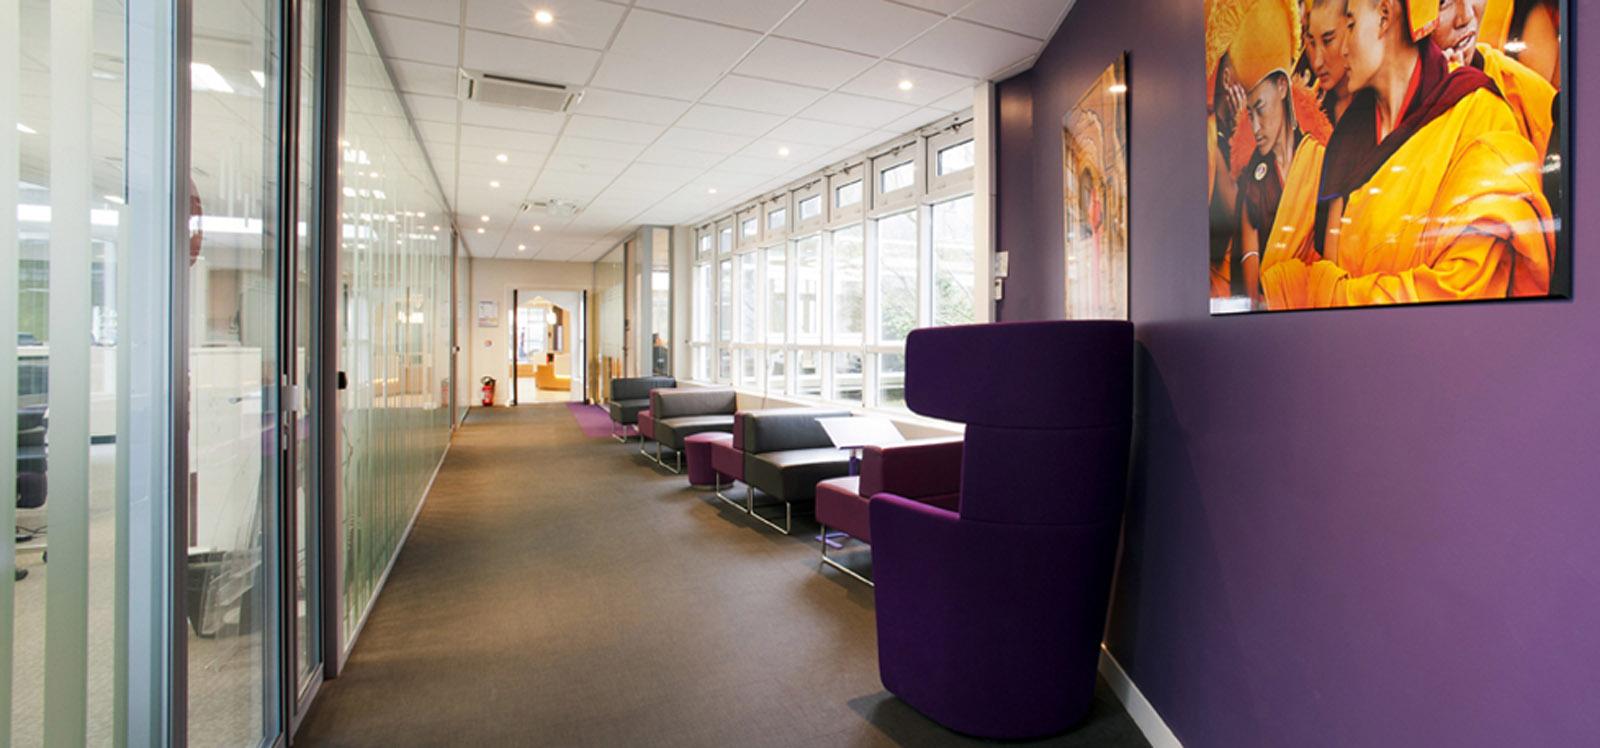 espace de détente avec de multiples fauteuils coloré et confortable dans un cadre moderne en face de larges fenêtre offrant une belle lumière